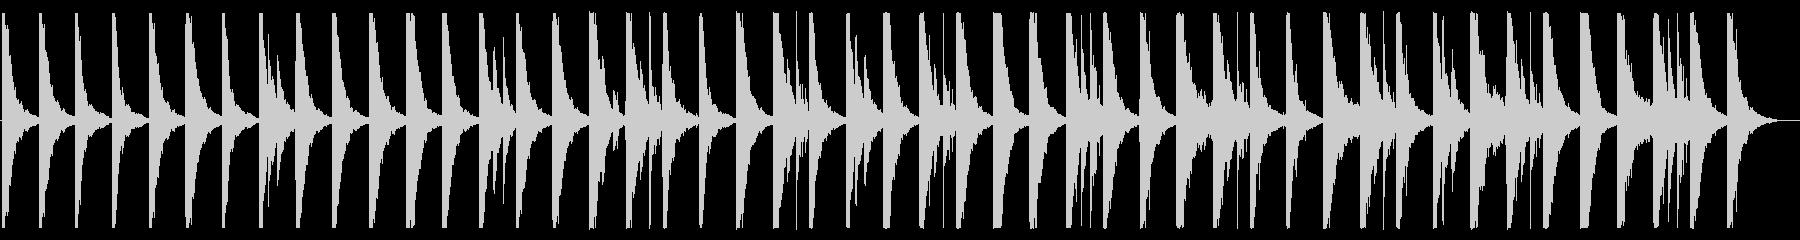 キラキラ/エレクトロニカ_No441_2の未再生の波形